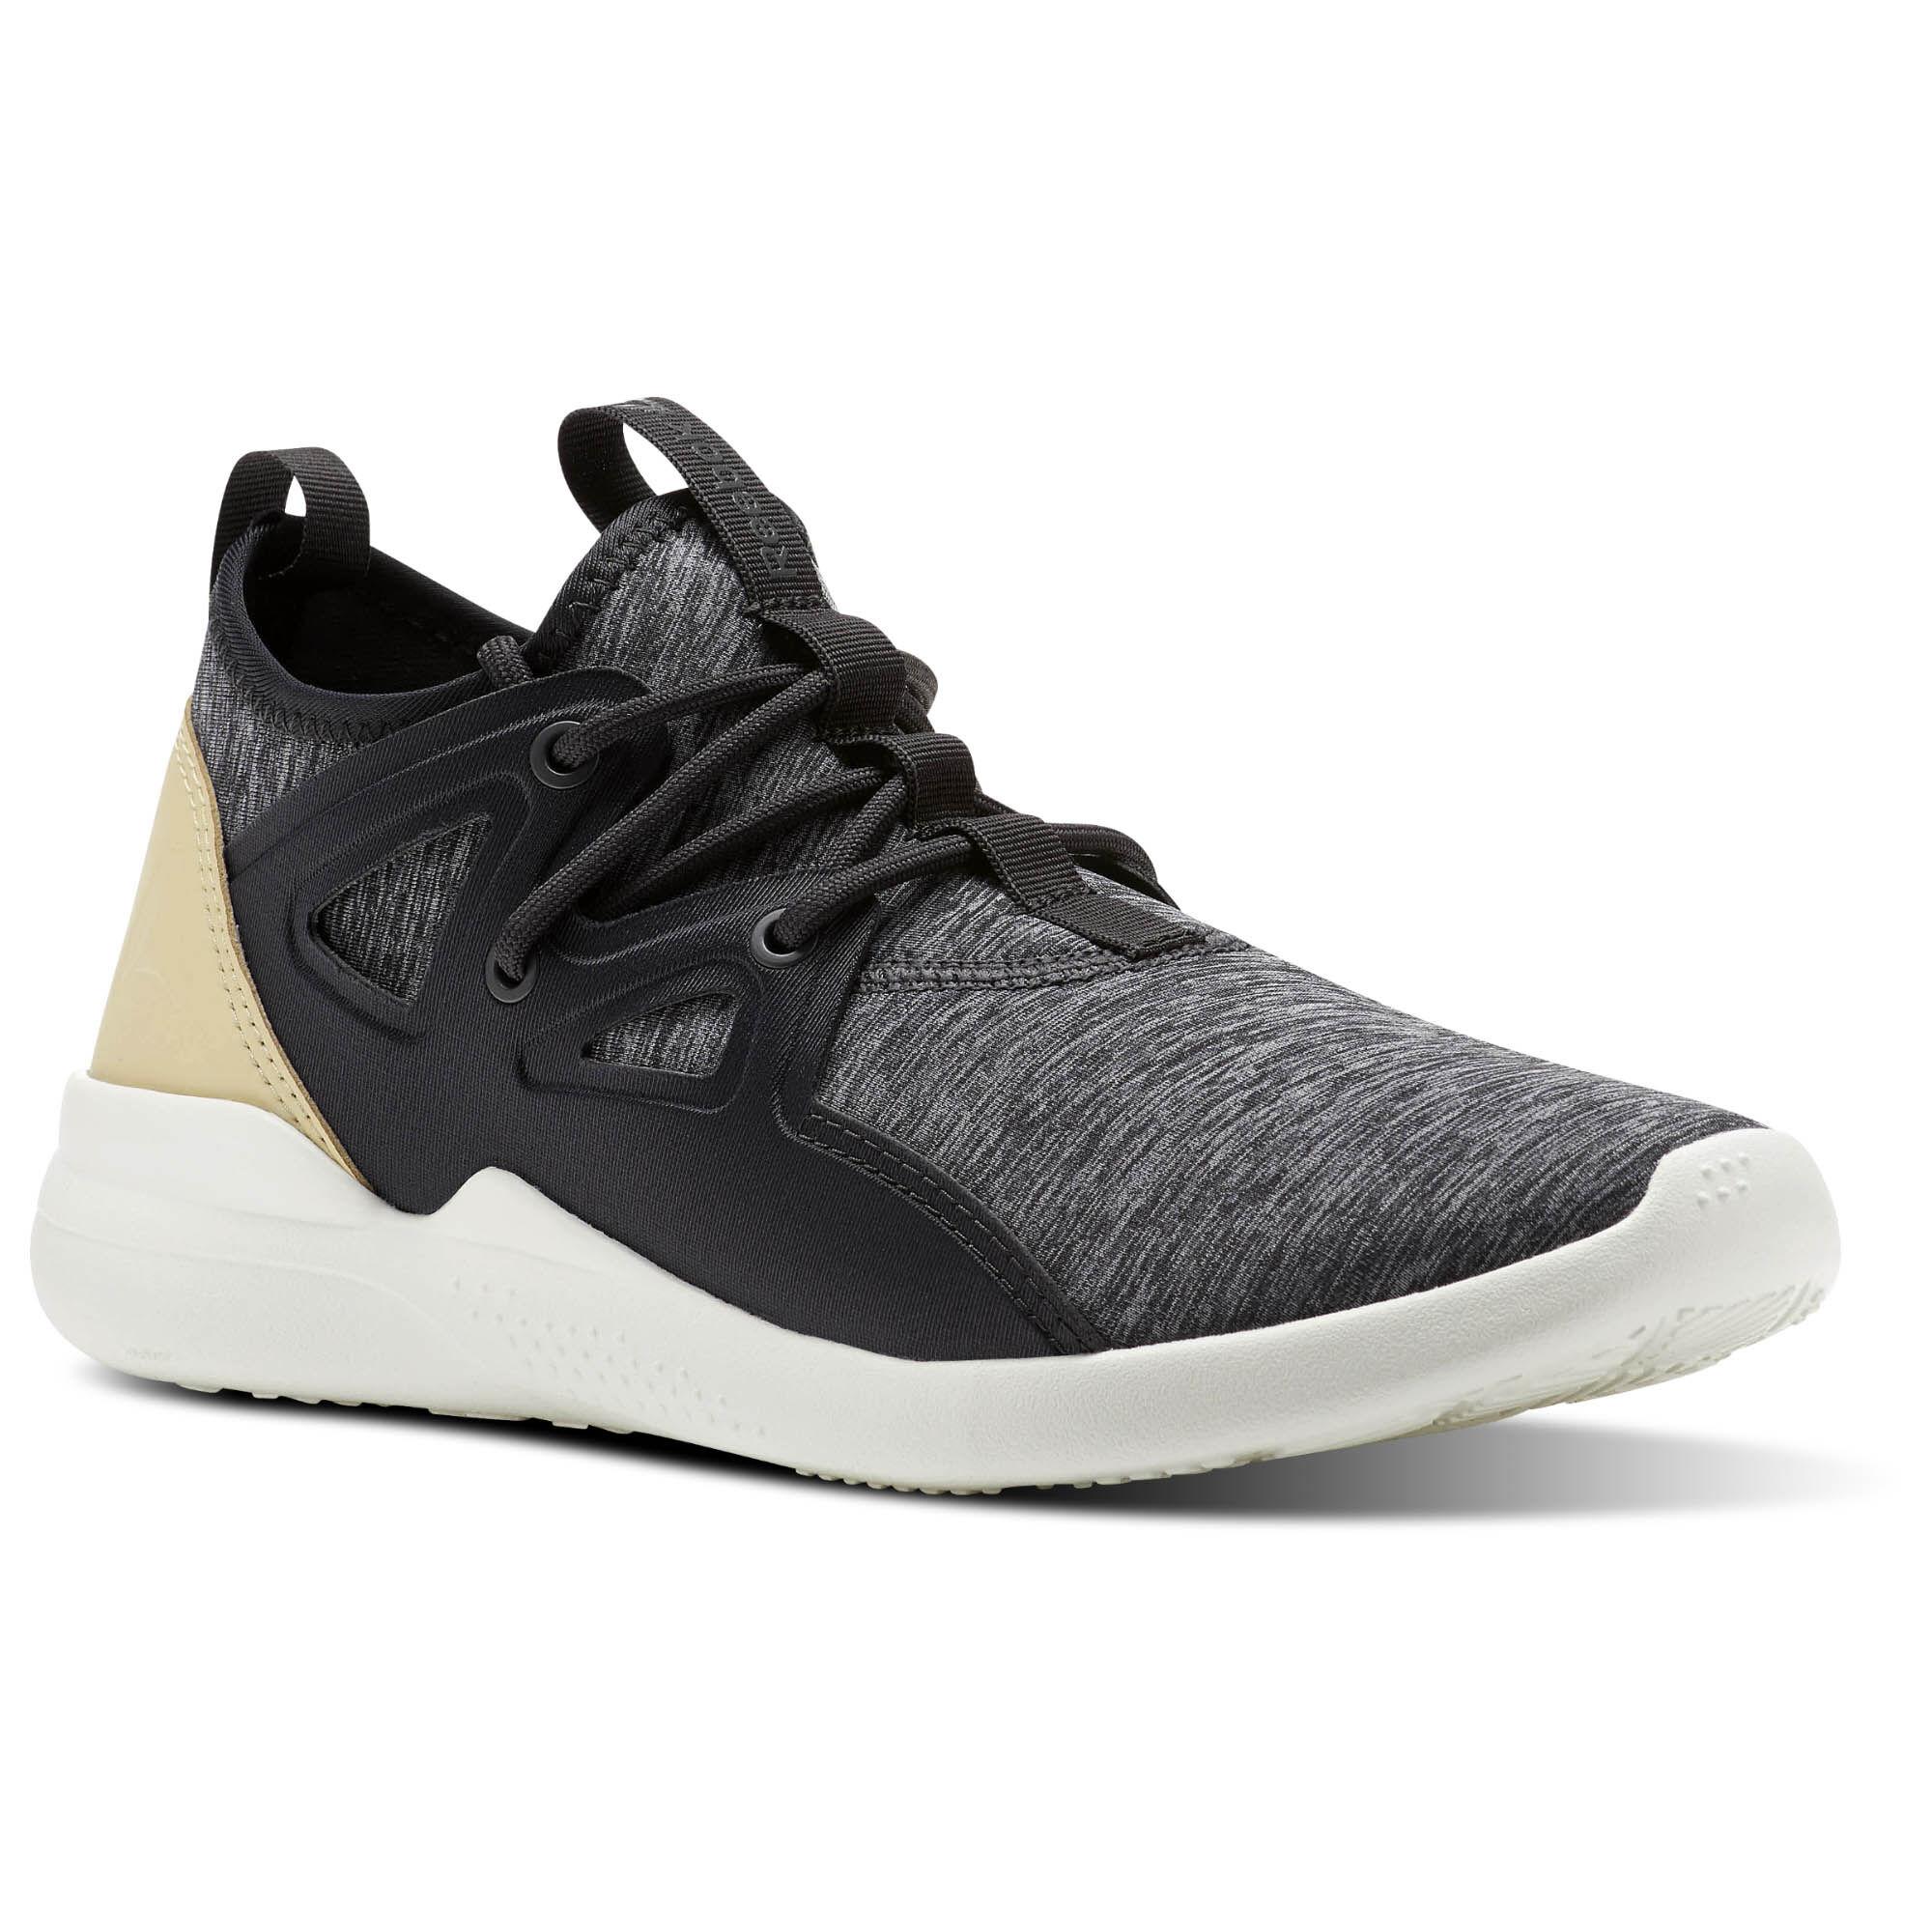 Reebok Womens Cardio Motion Sneaker  JBLX0OT2Z